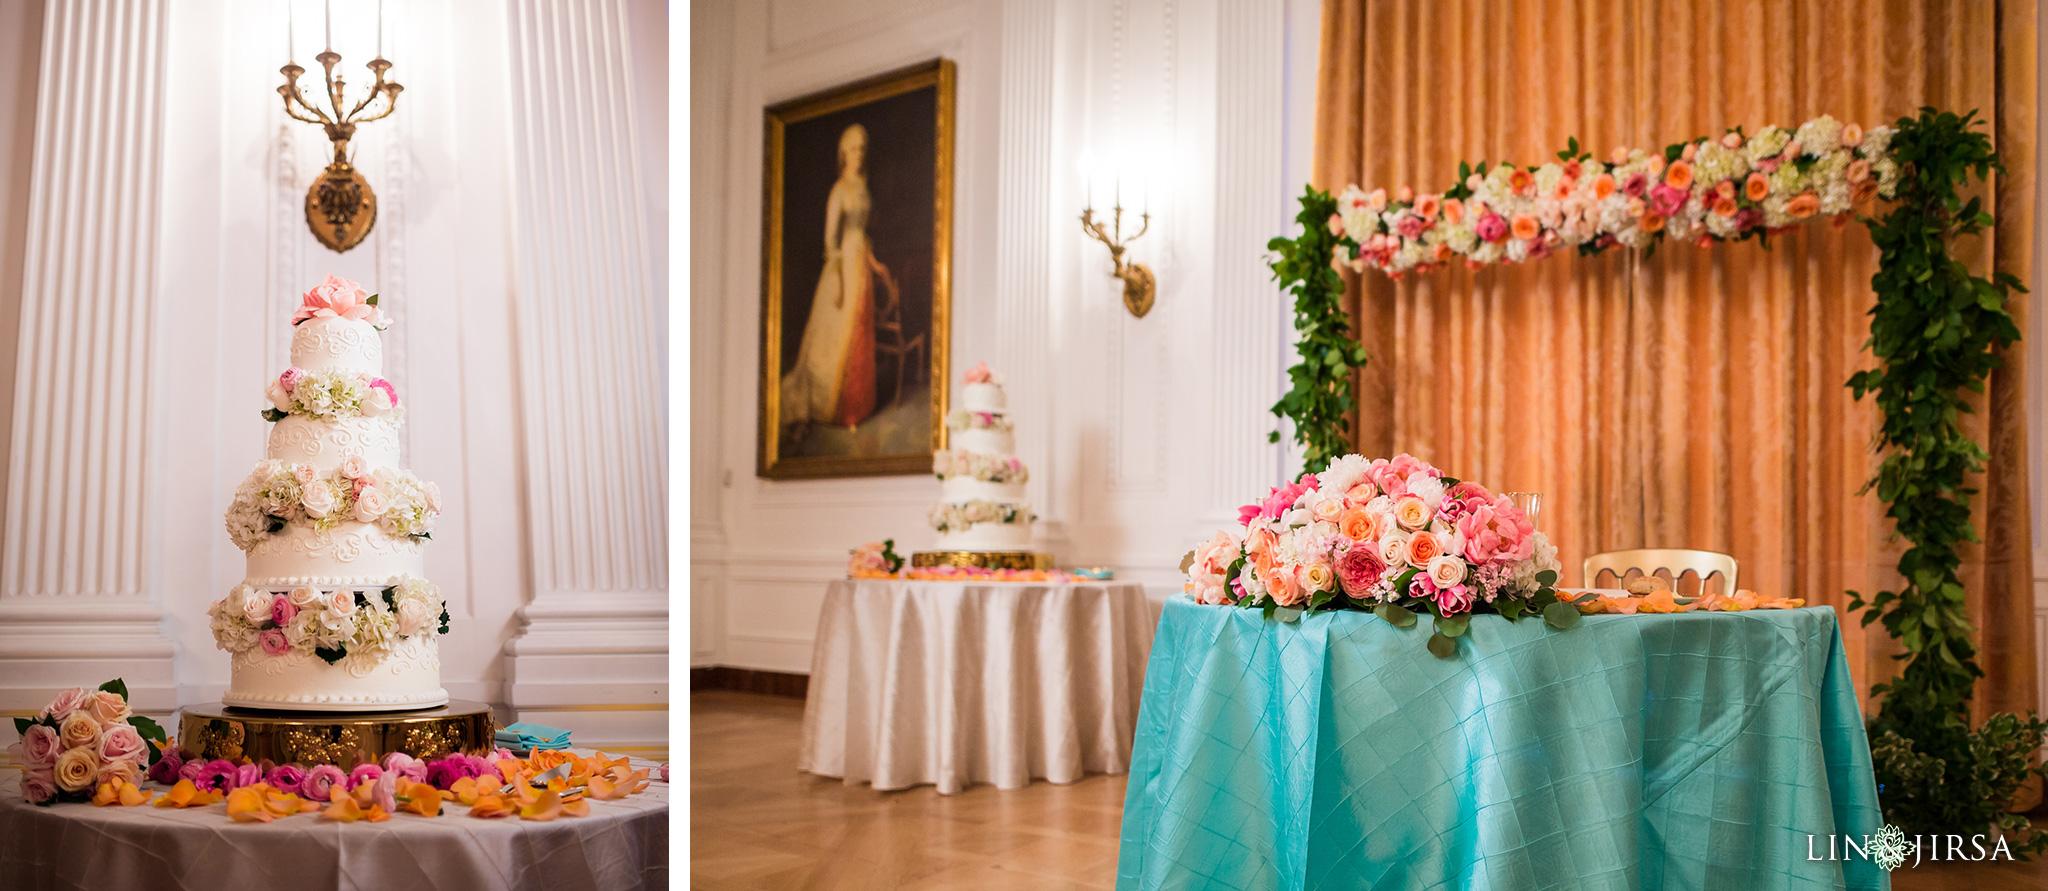 32-richard-nixon-libary-wedding-photography